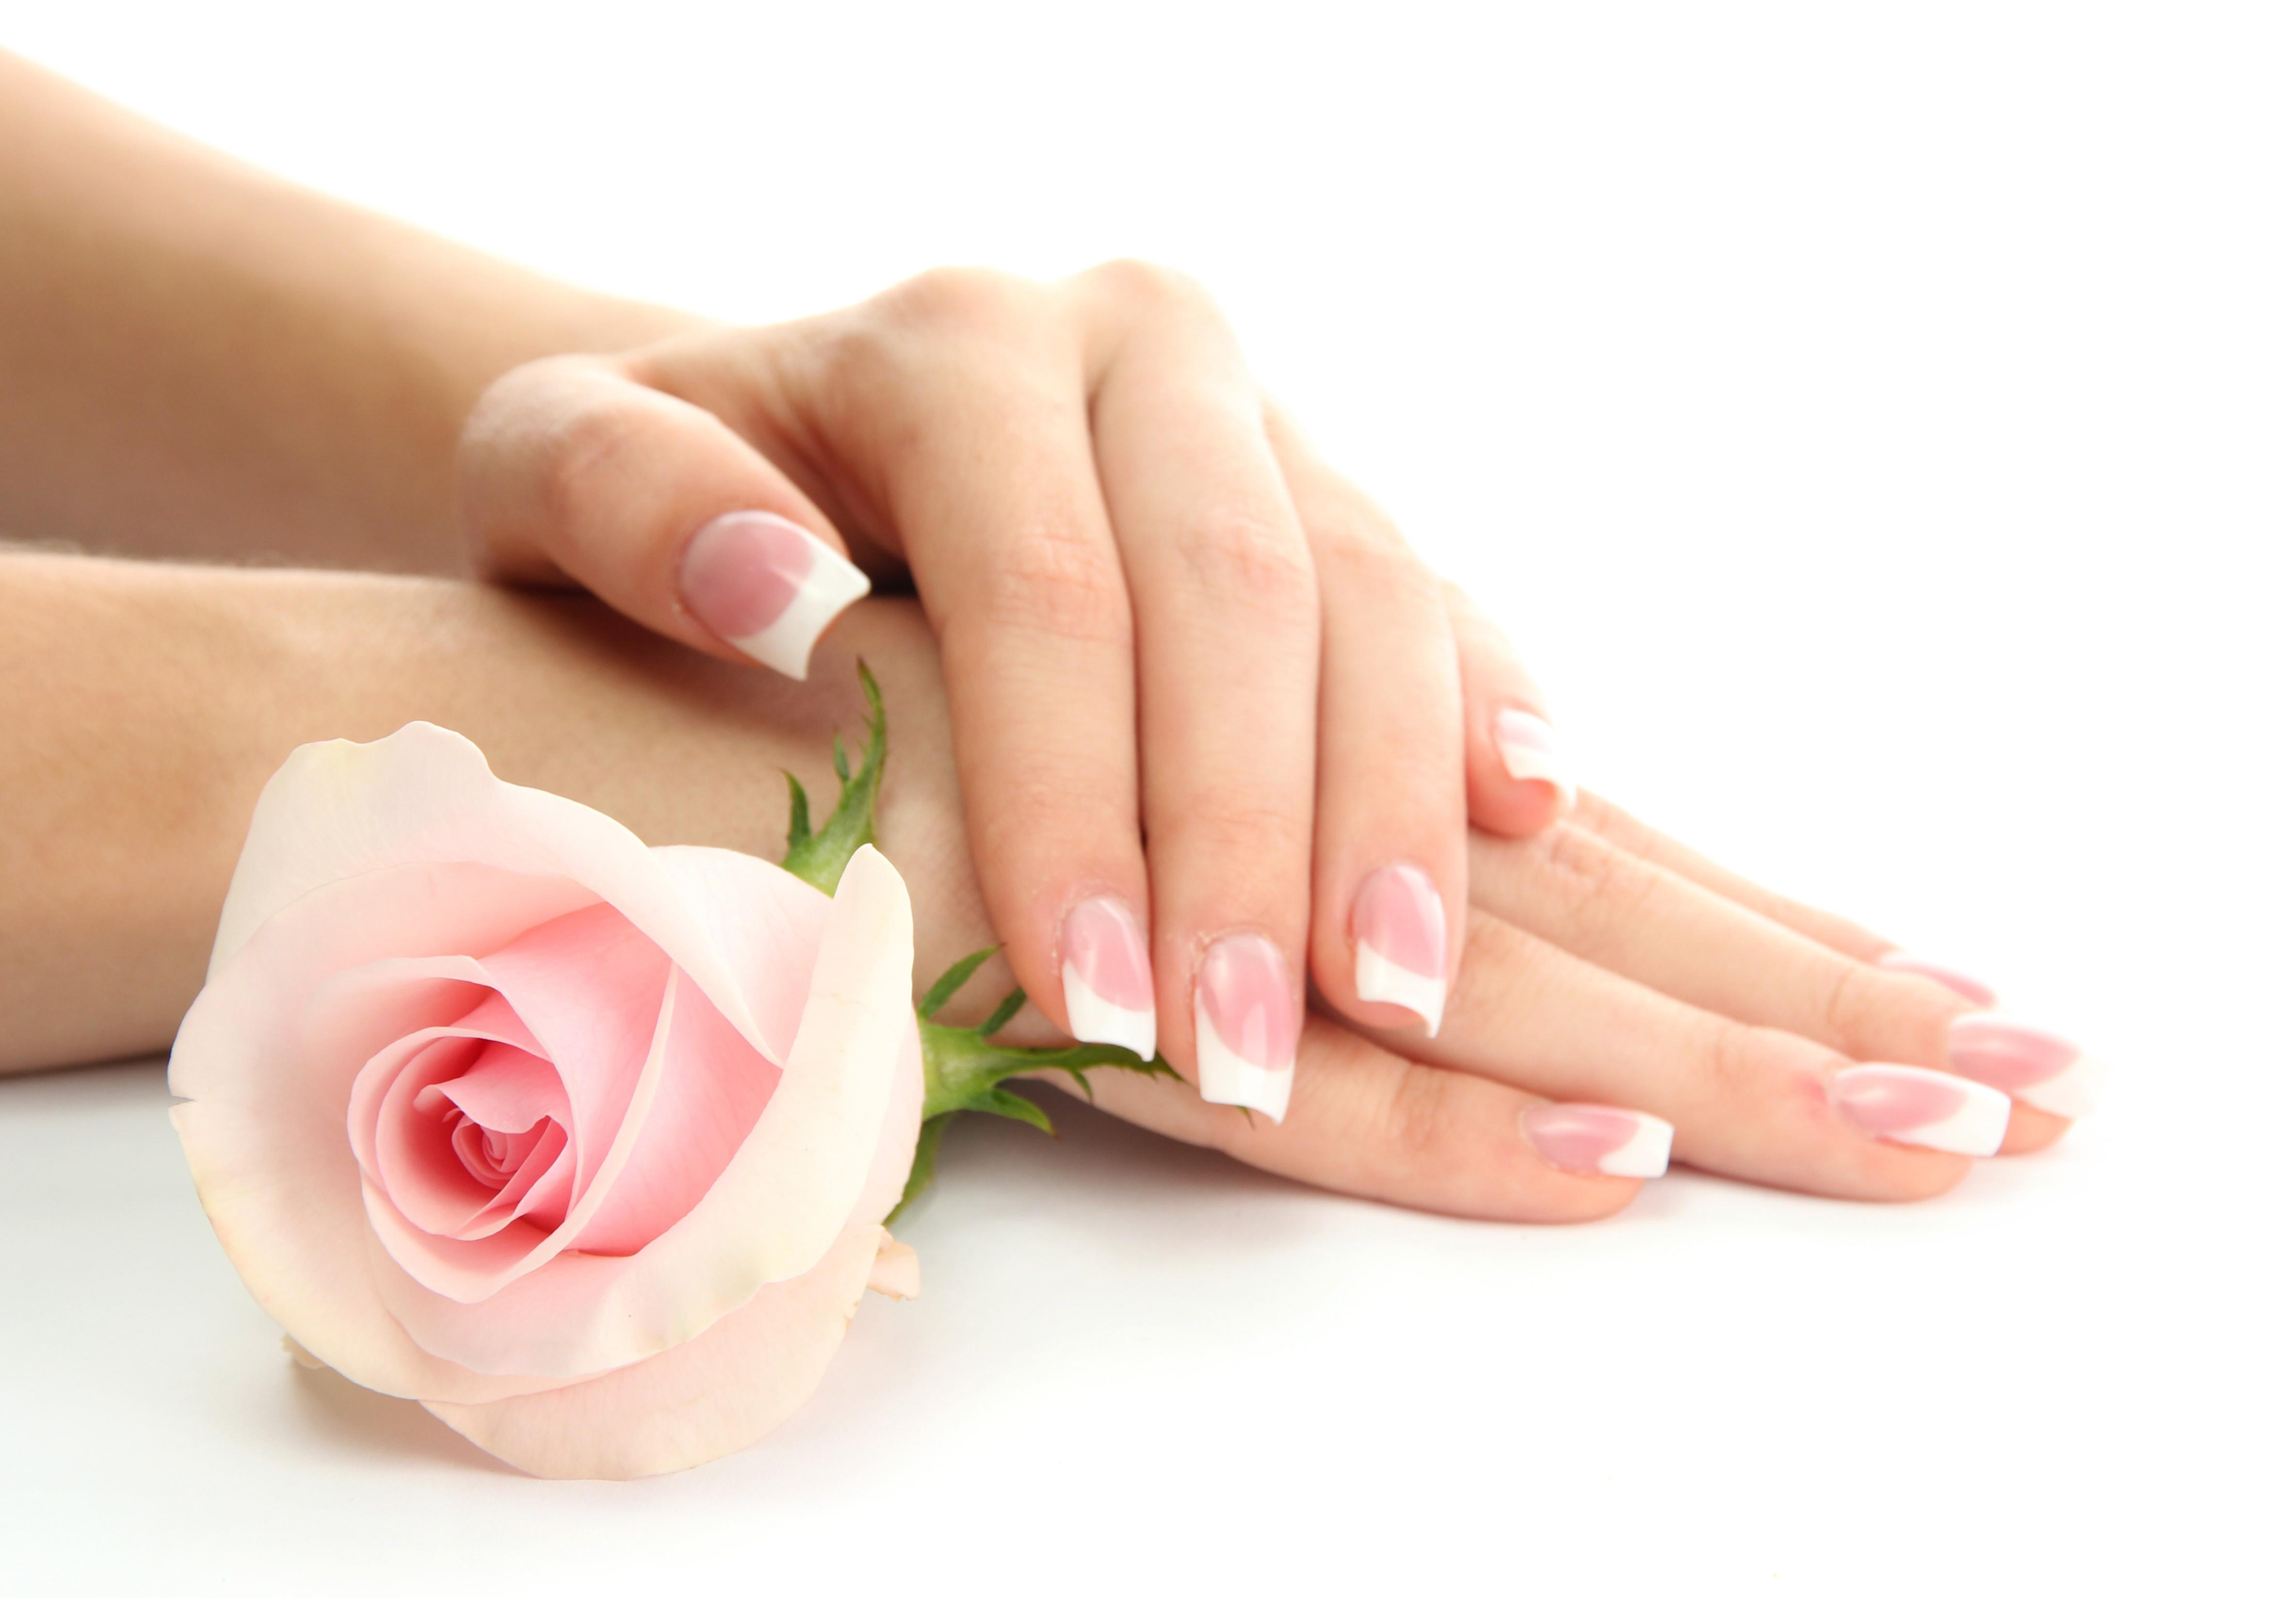 7€ από 25€ για Φυσική Ενίσχυση Νυχιών με gel για ενδυνάμωση & Θεραπεία Αποκατάστασης σε Φυσικό χρώμα στο ''Beauty Salon'' στο Χαλάνδρι εικόνα